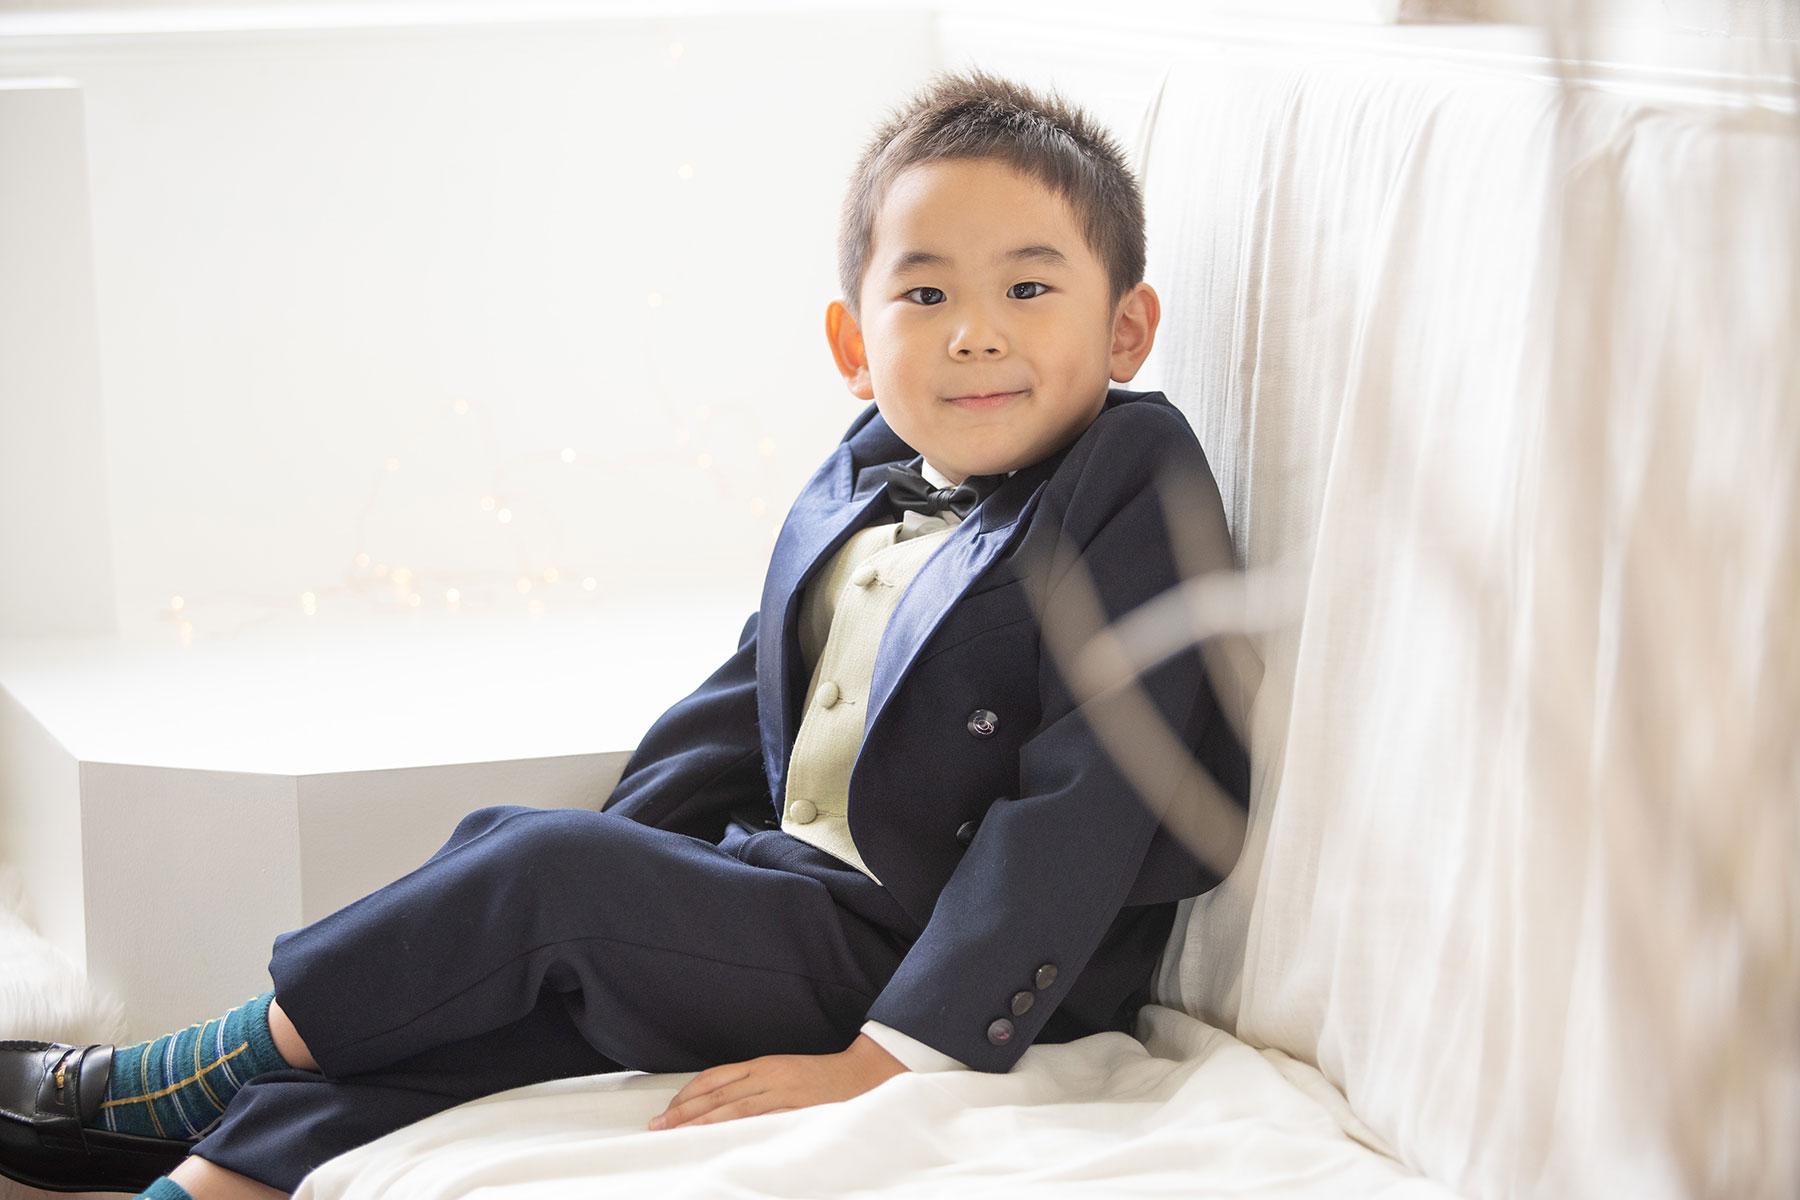 七五三の5歳男の子。白い洋風セットでタキシード